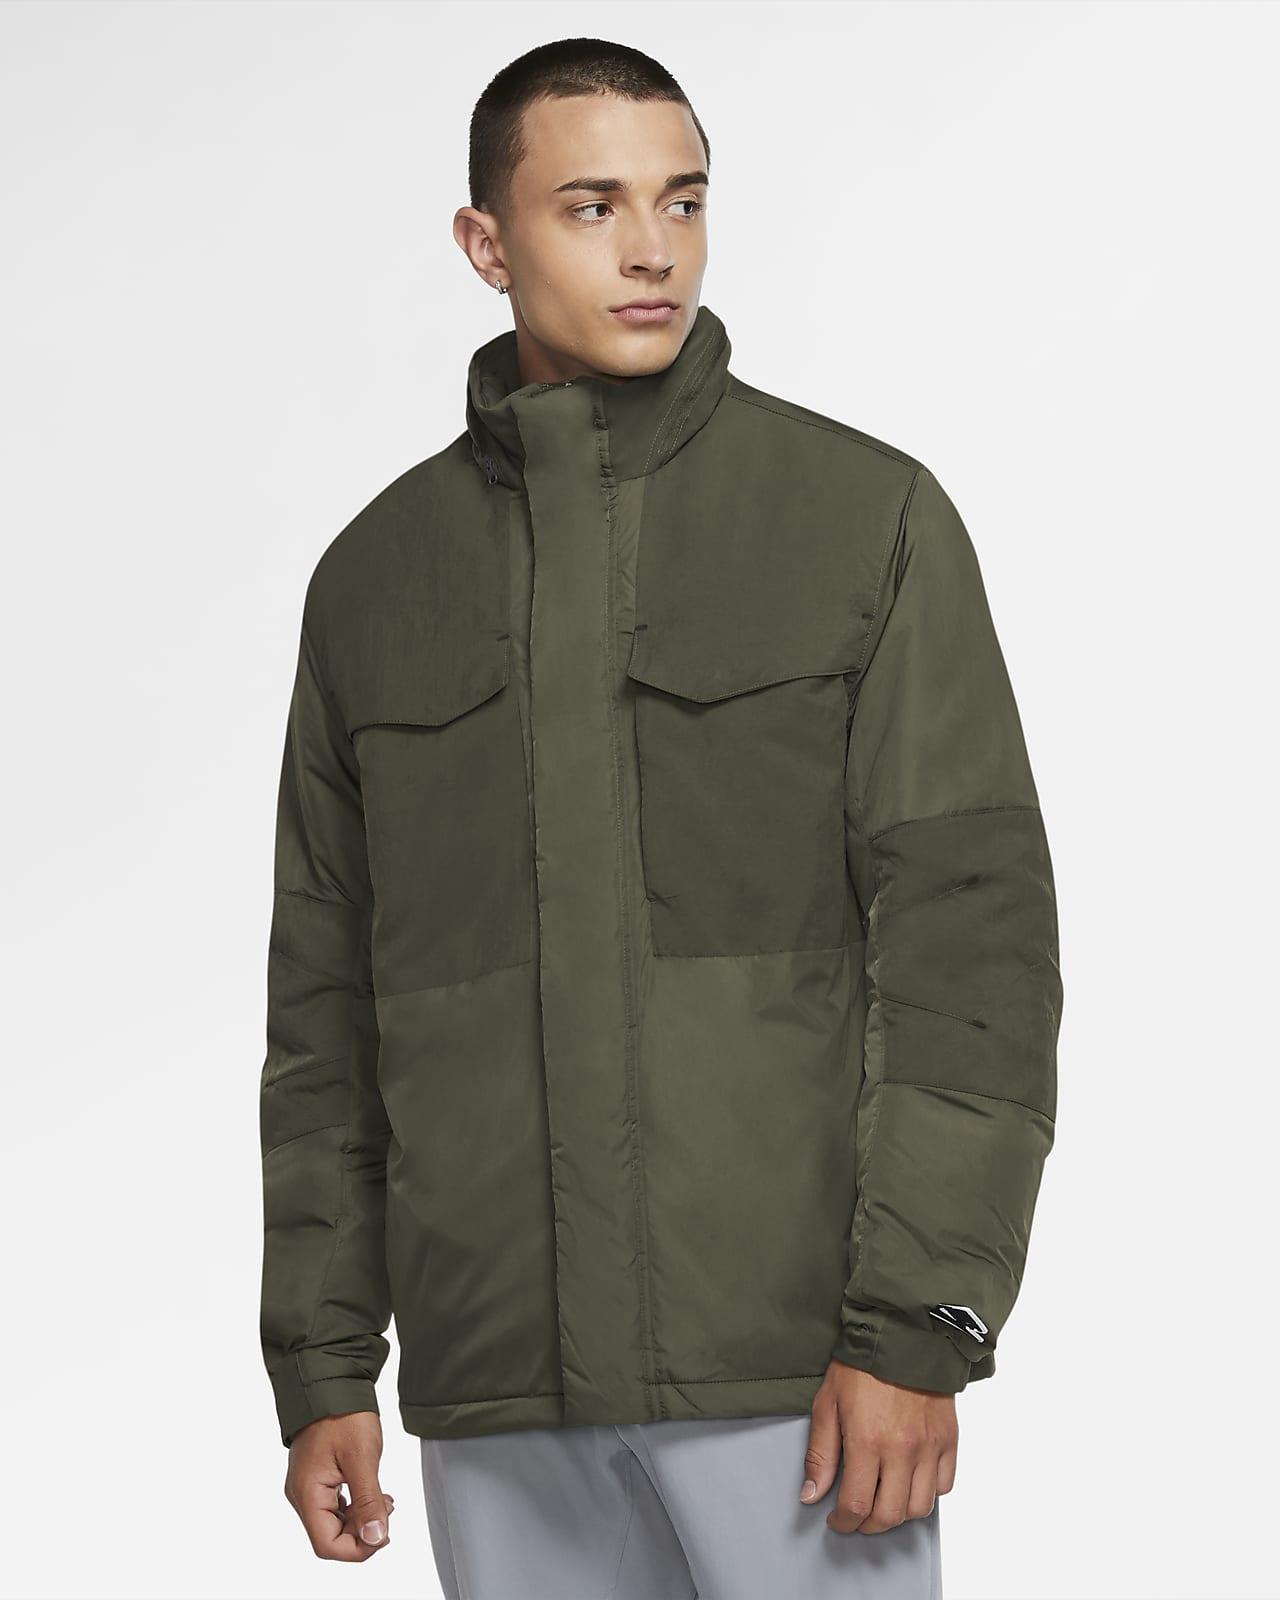 Nike Sportswear Synthetic-Fill Men's Repel M65 Jacket